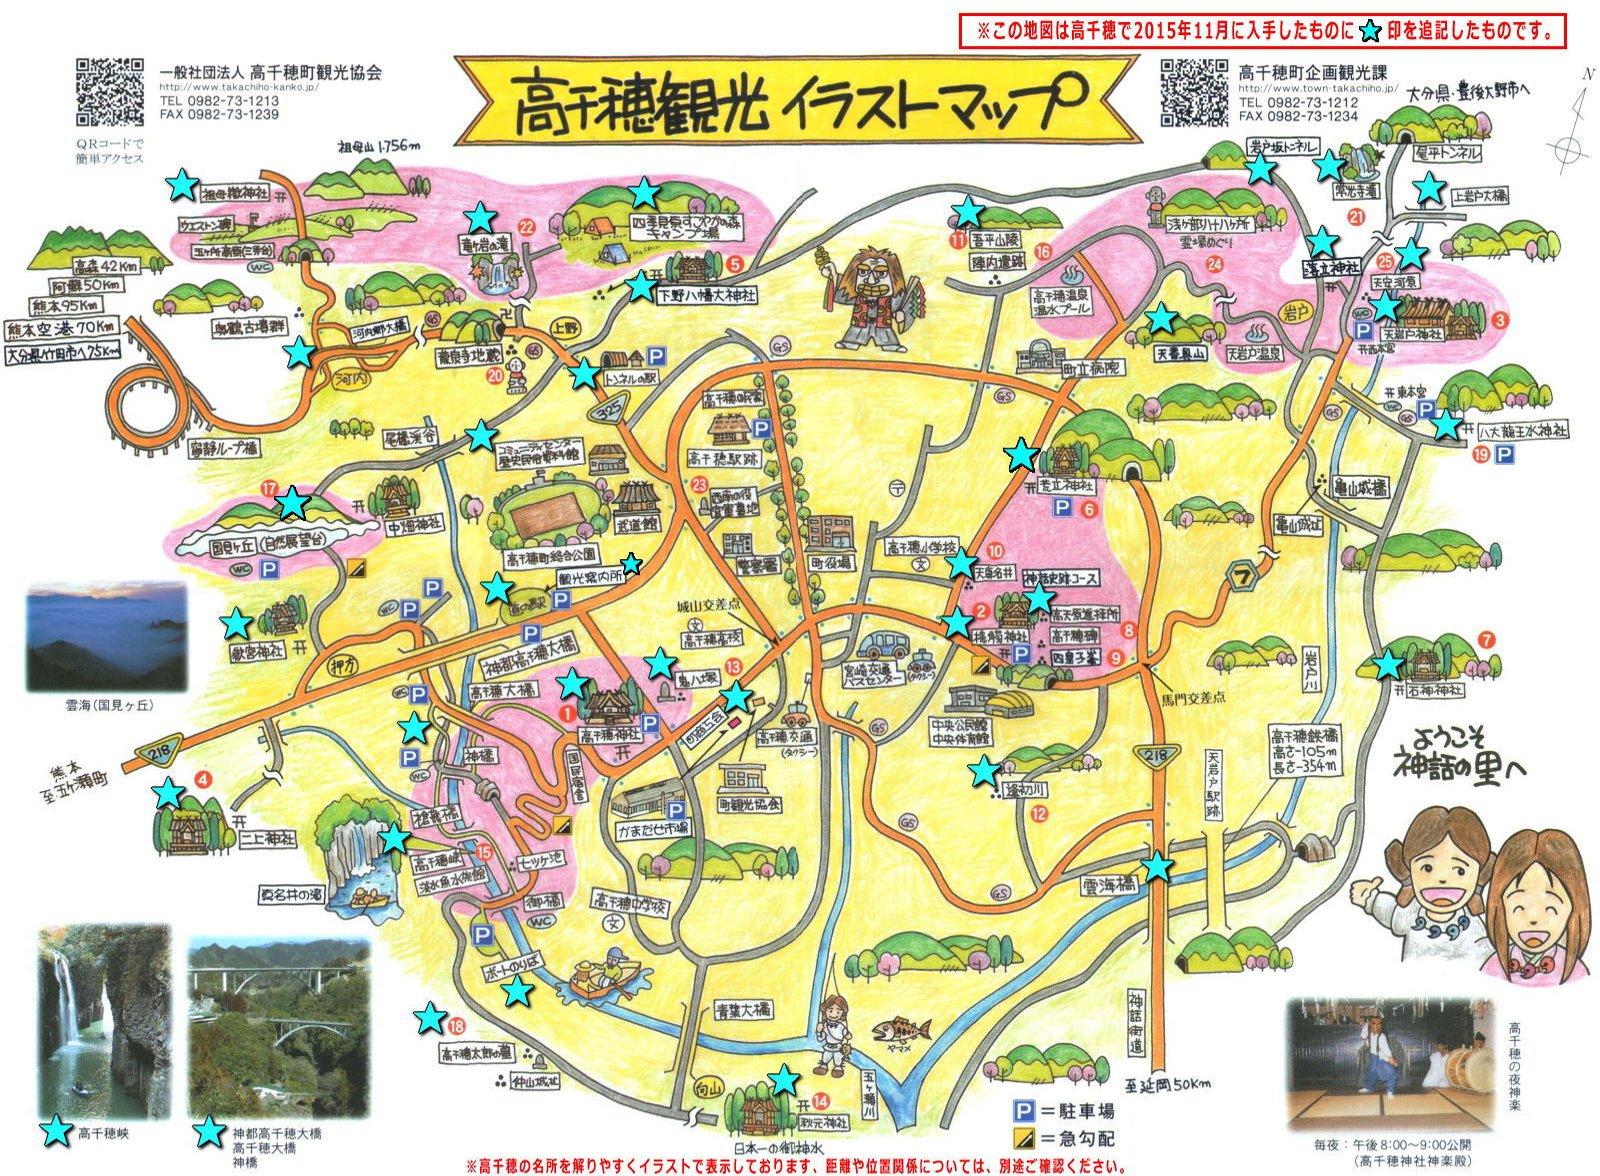 高千穂観光イラストマップ(地図) 2015.11